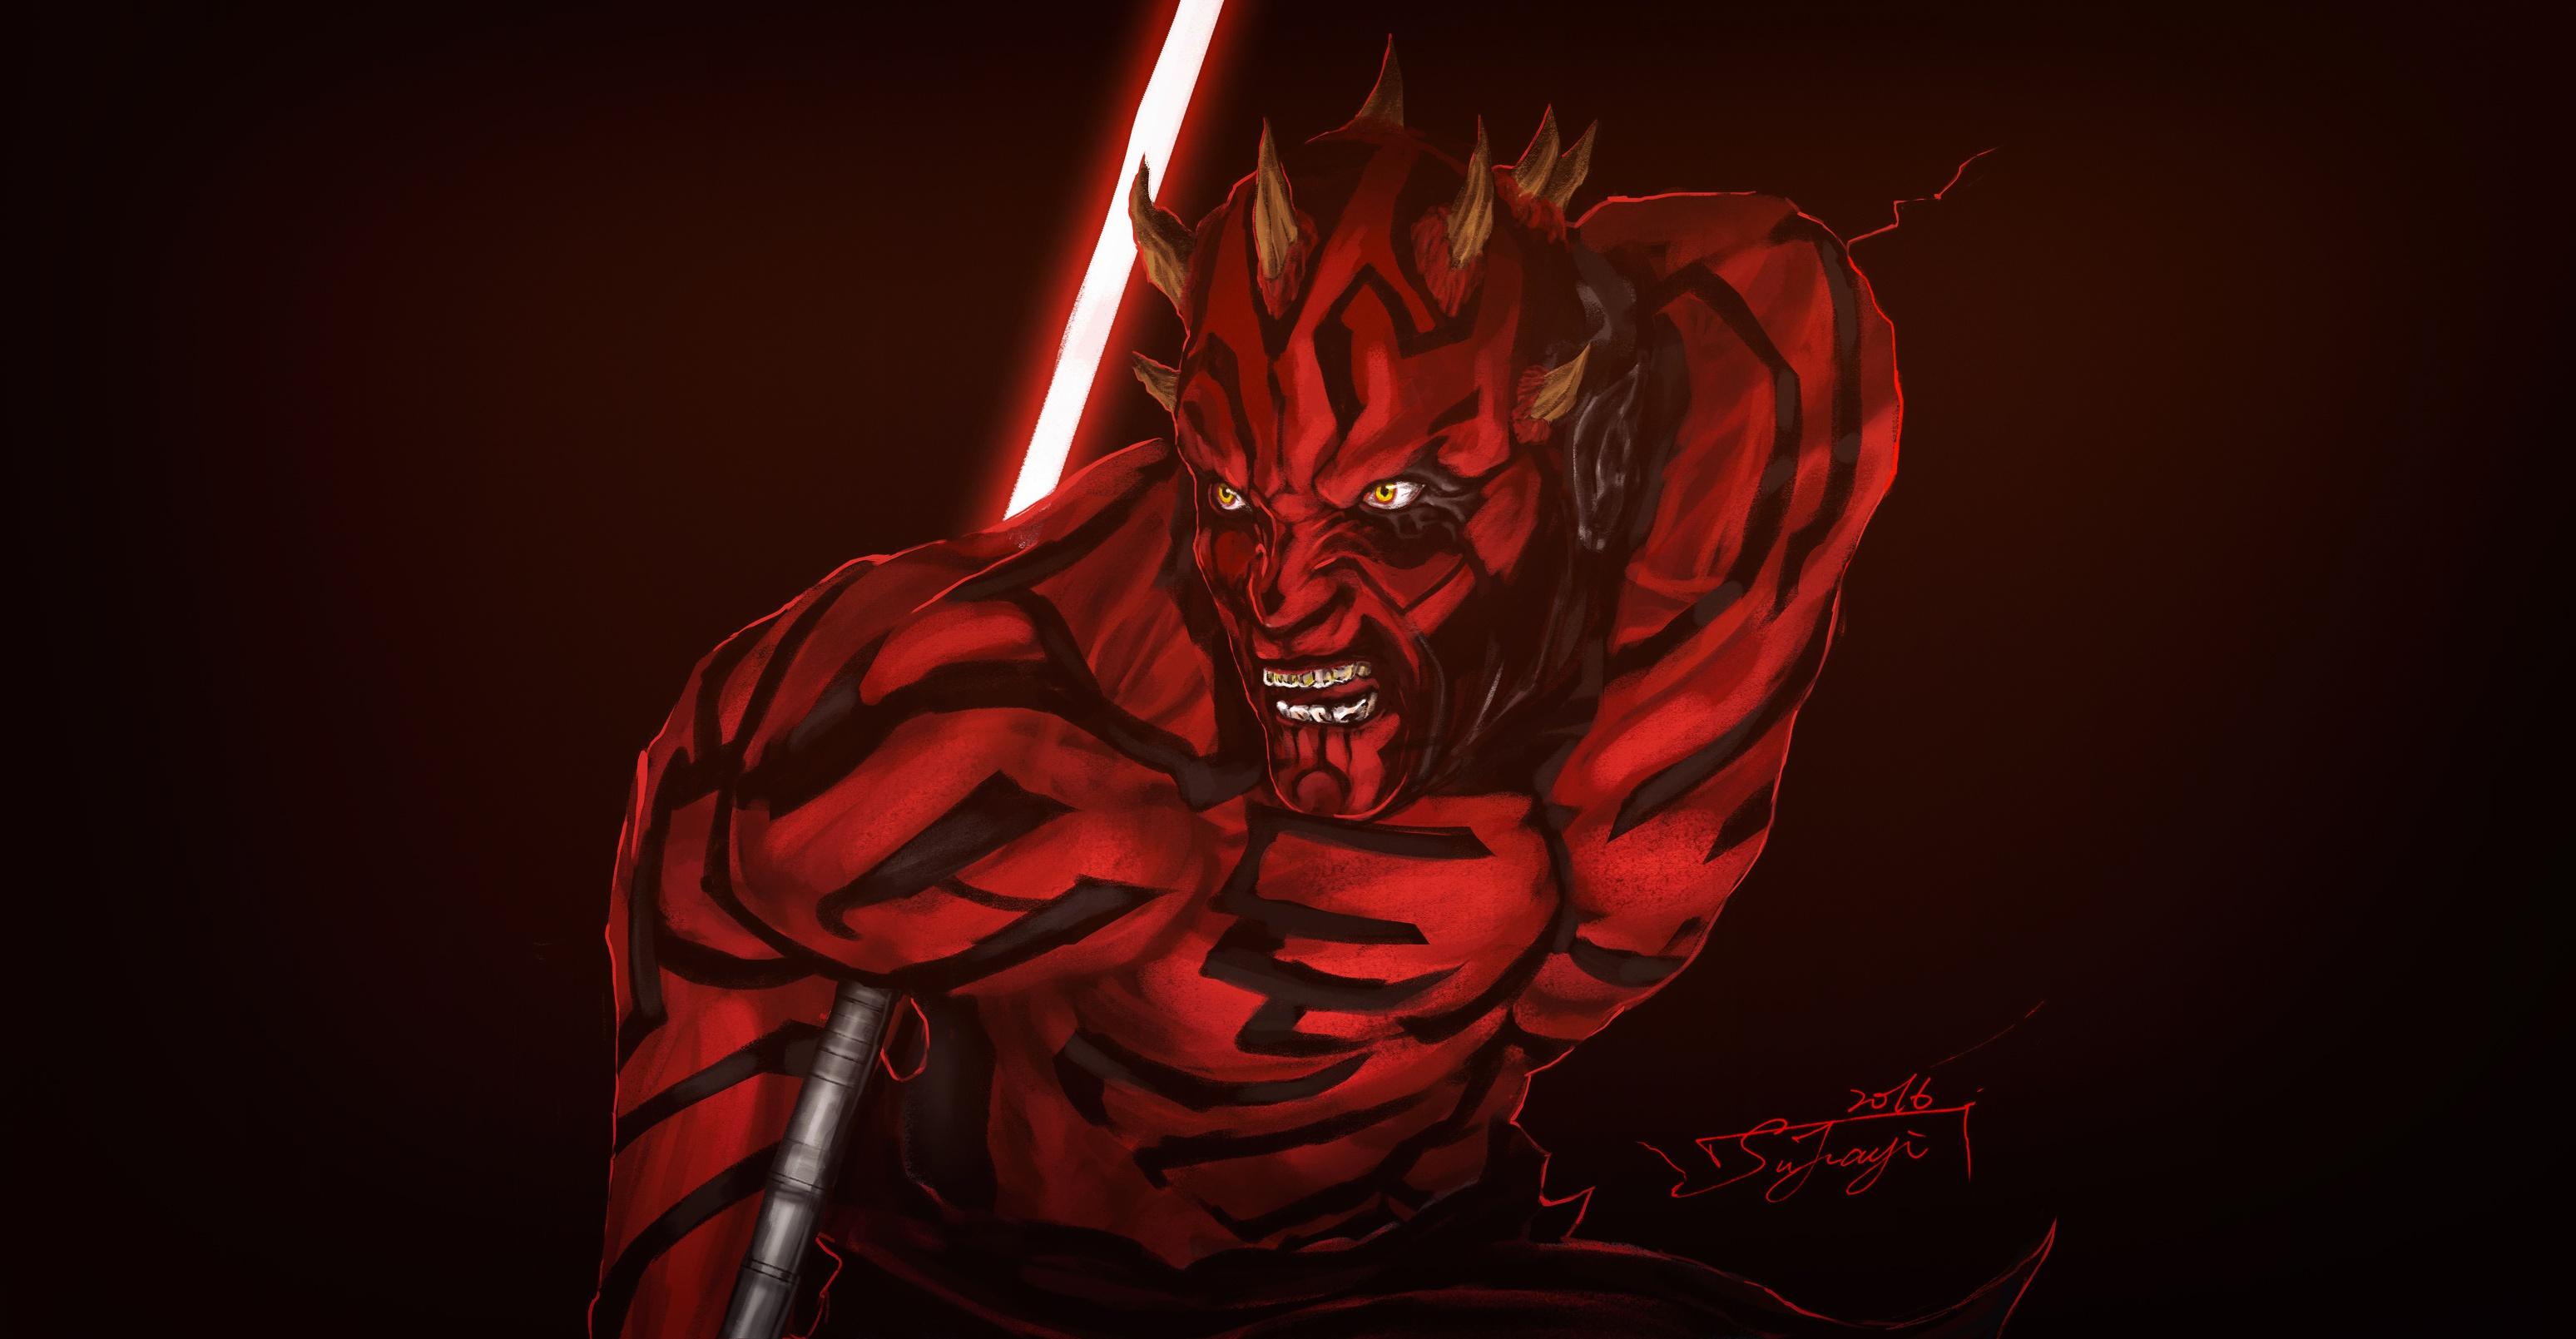 Darth Maul Star Wars